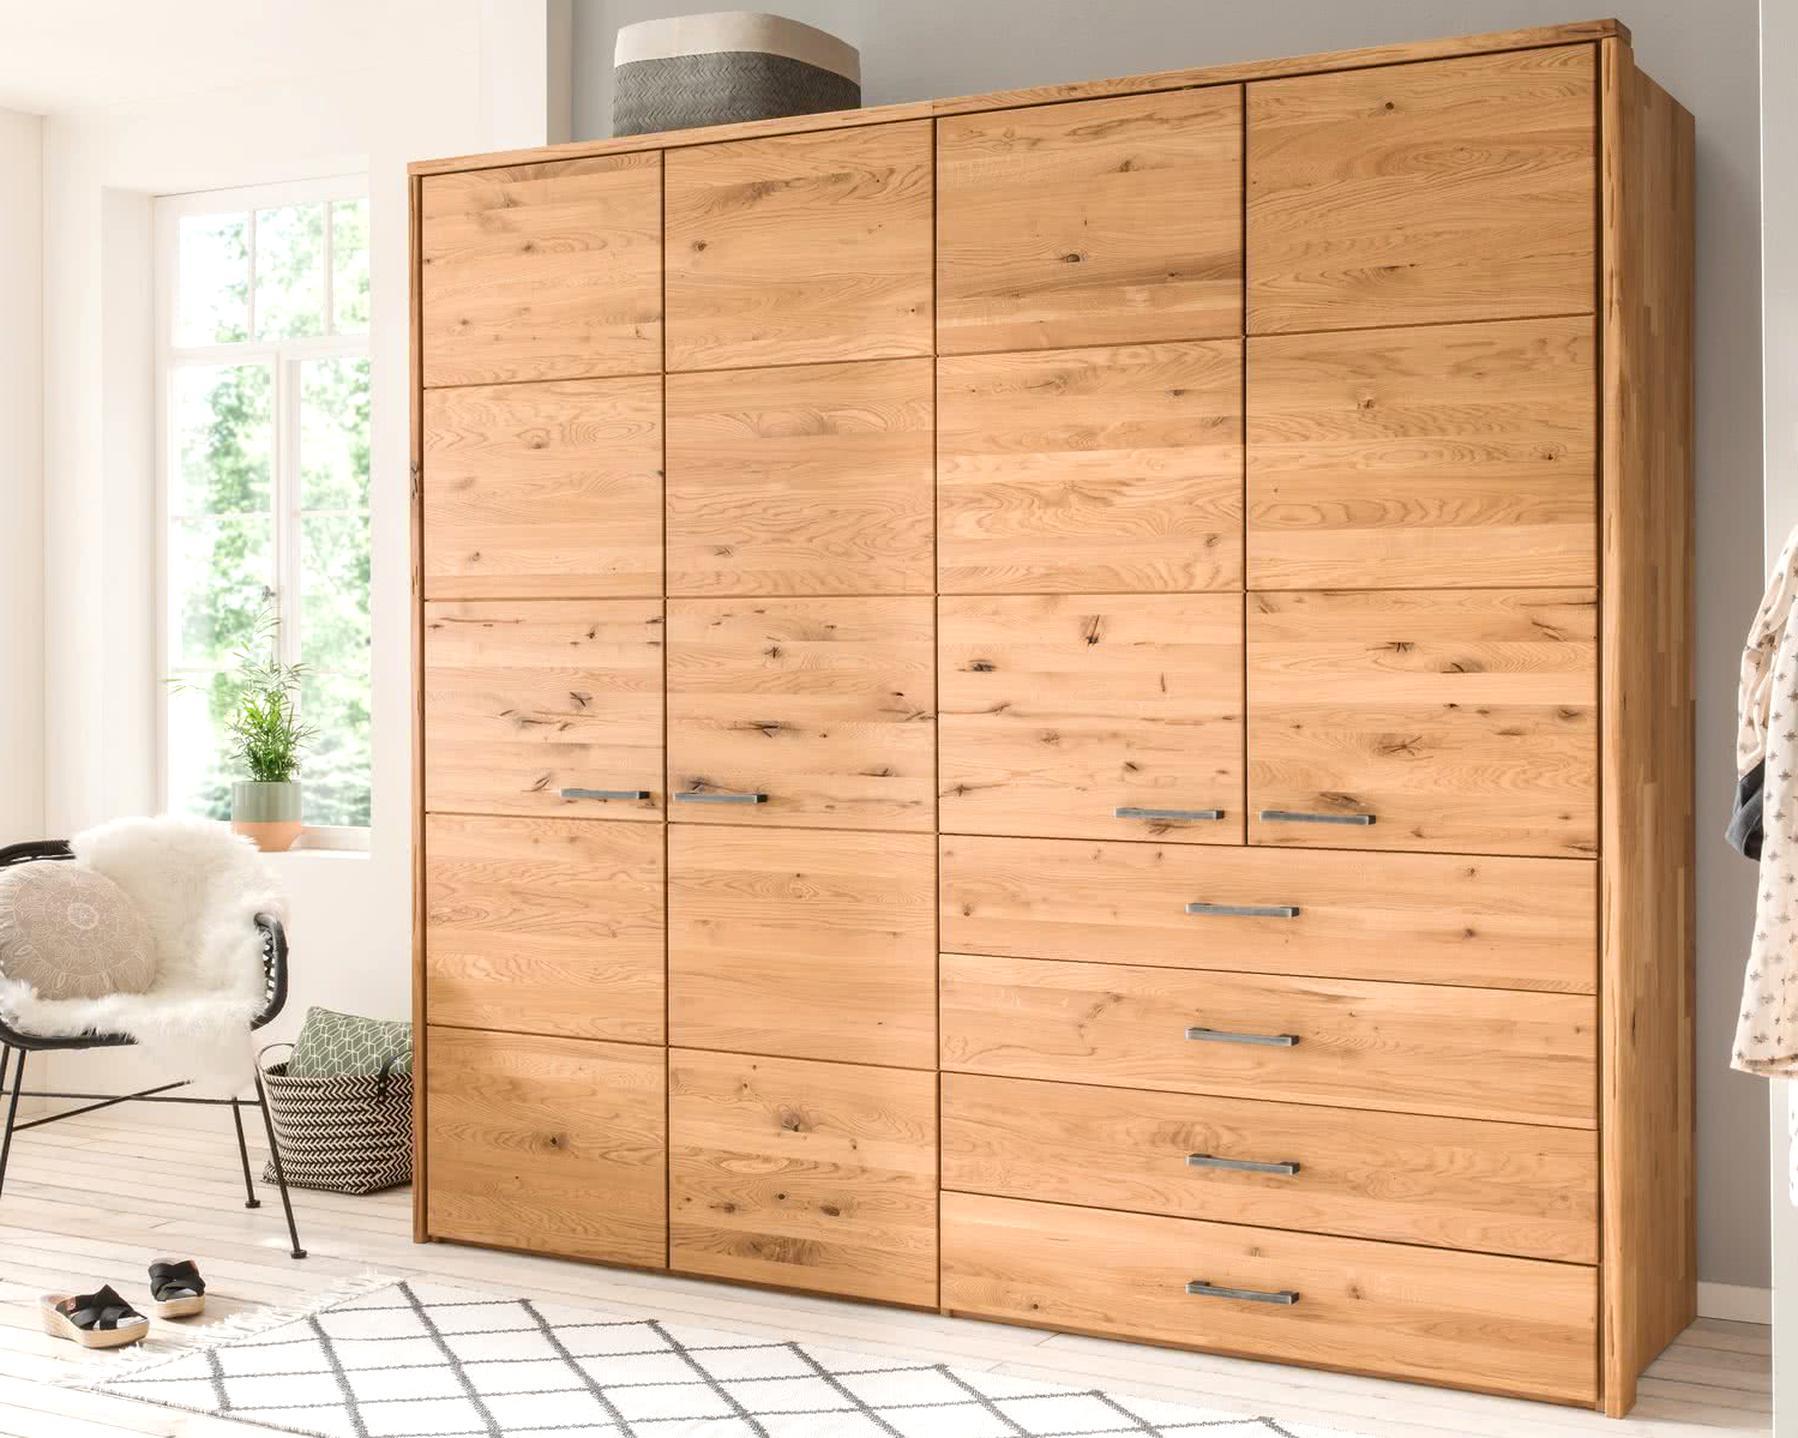 kleiderschrank massivholz gebraucht kaufen 4 st bis 70